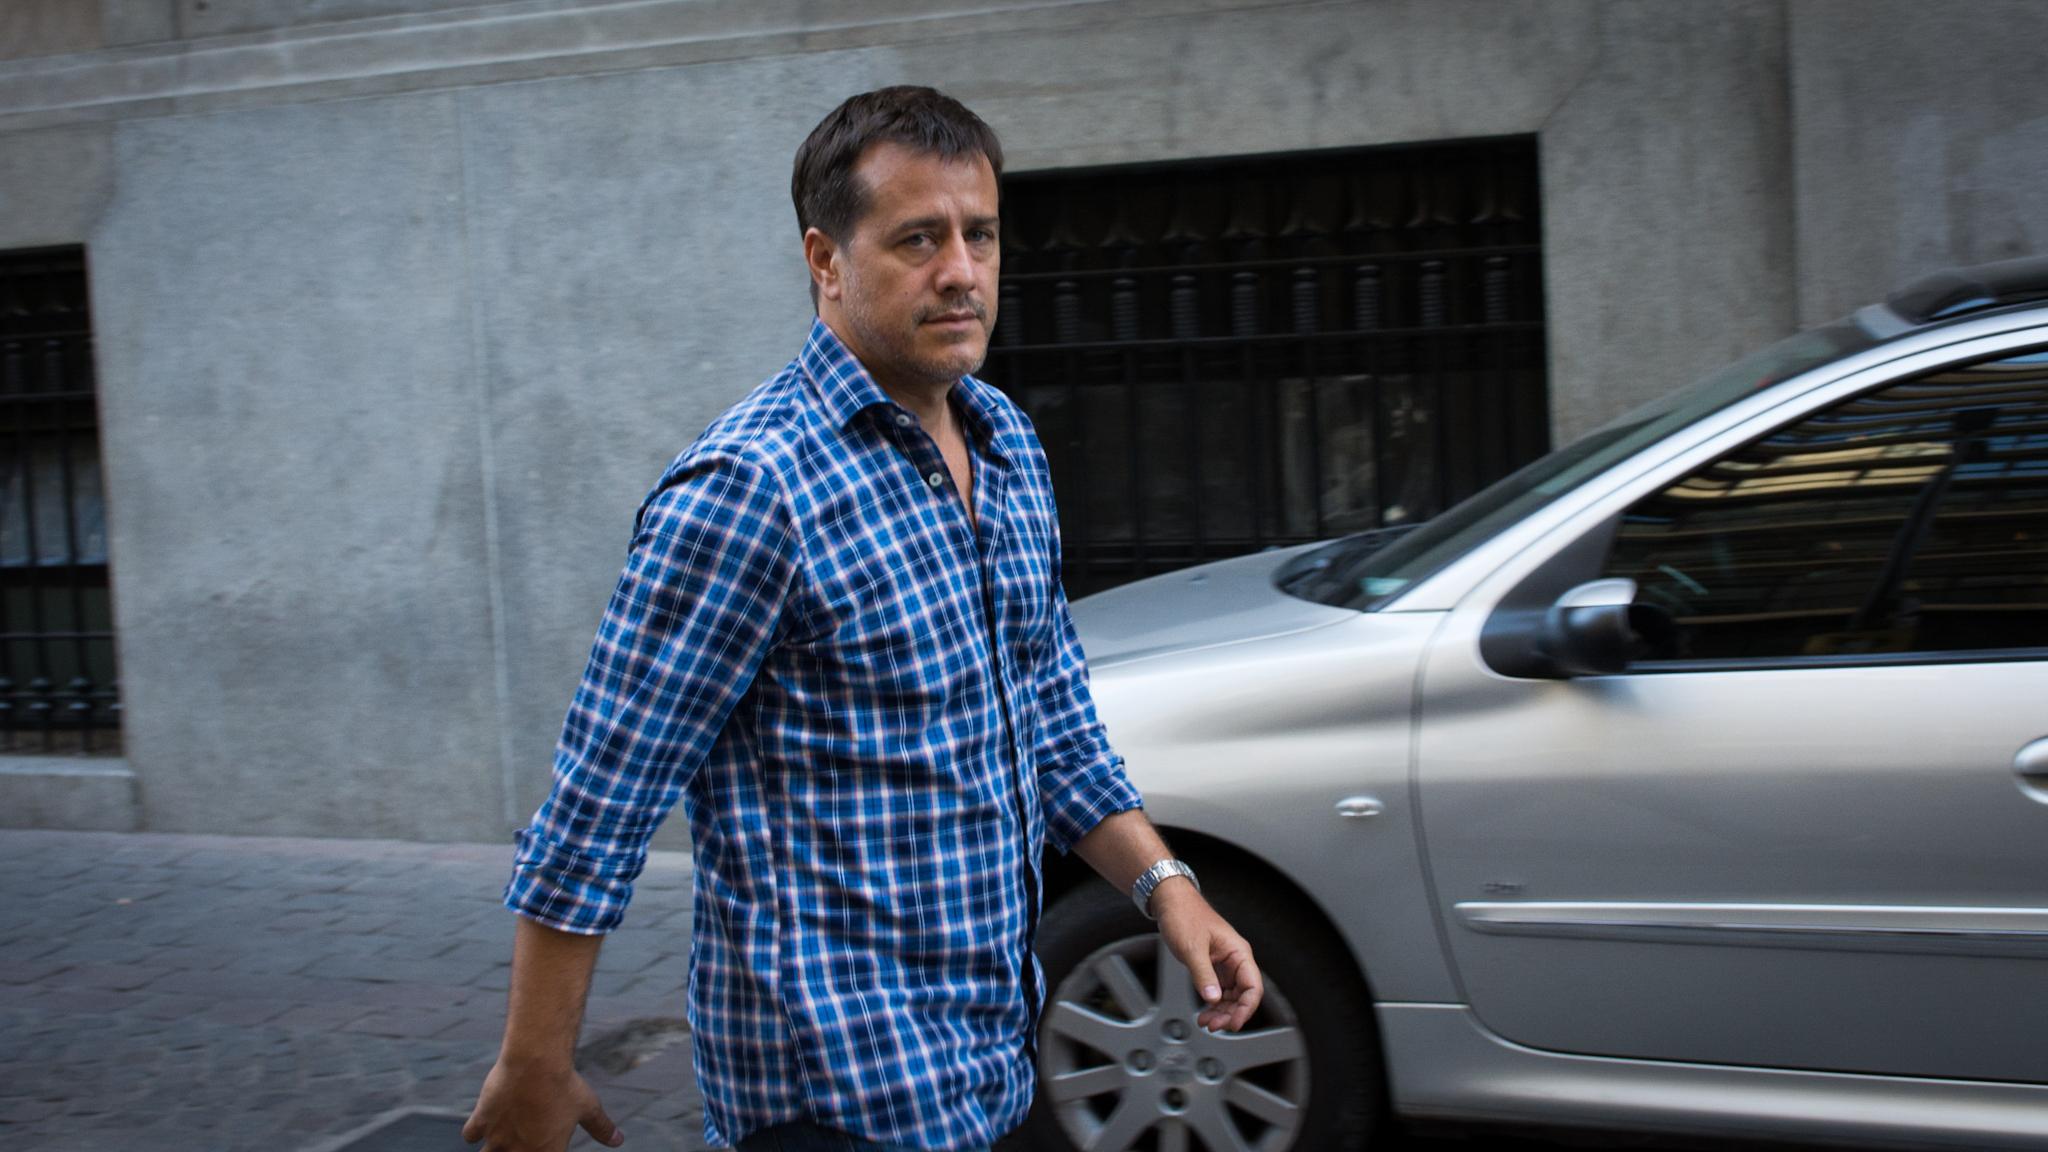 El legislador porteño y ex titular de Aerolíneas Argentinas Mariano Recalde